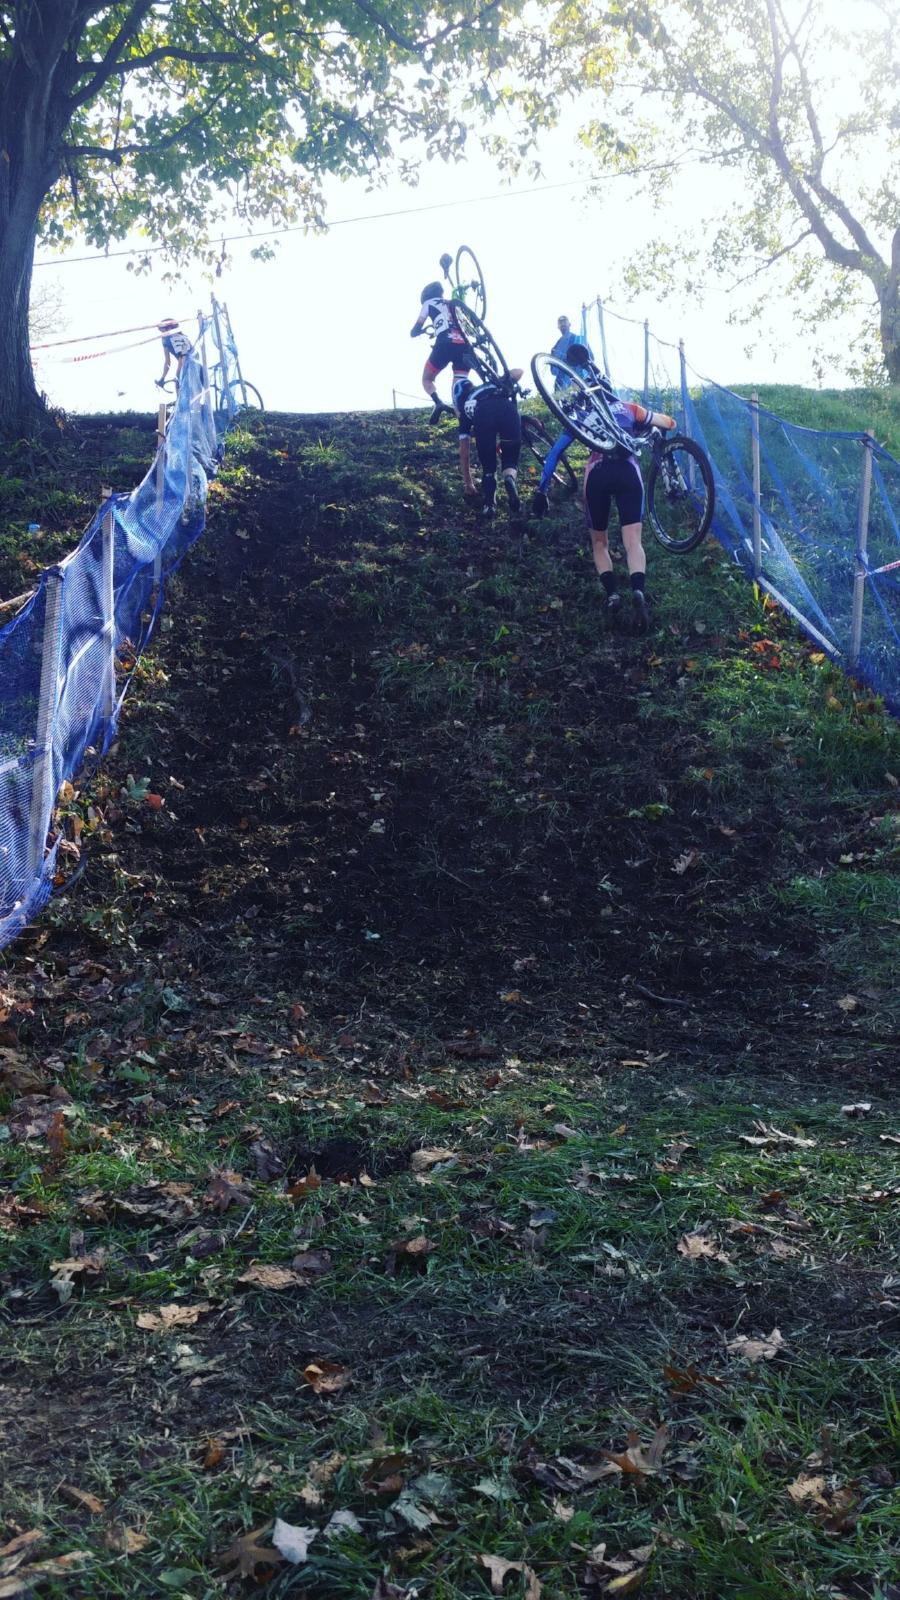 The hills were steep!